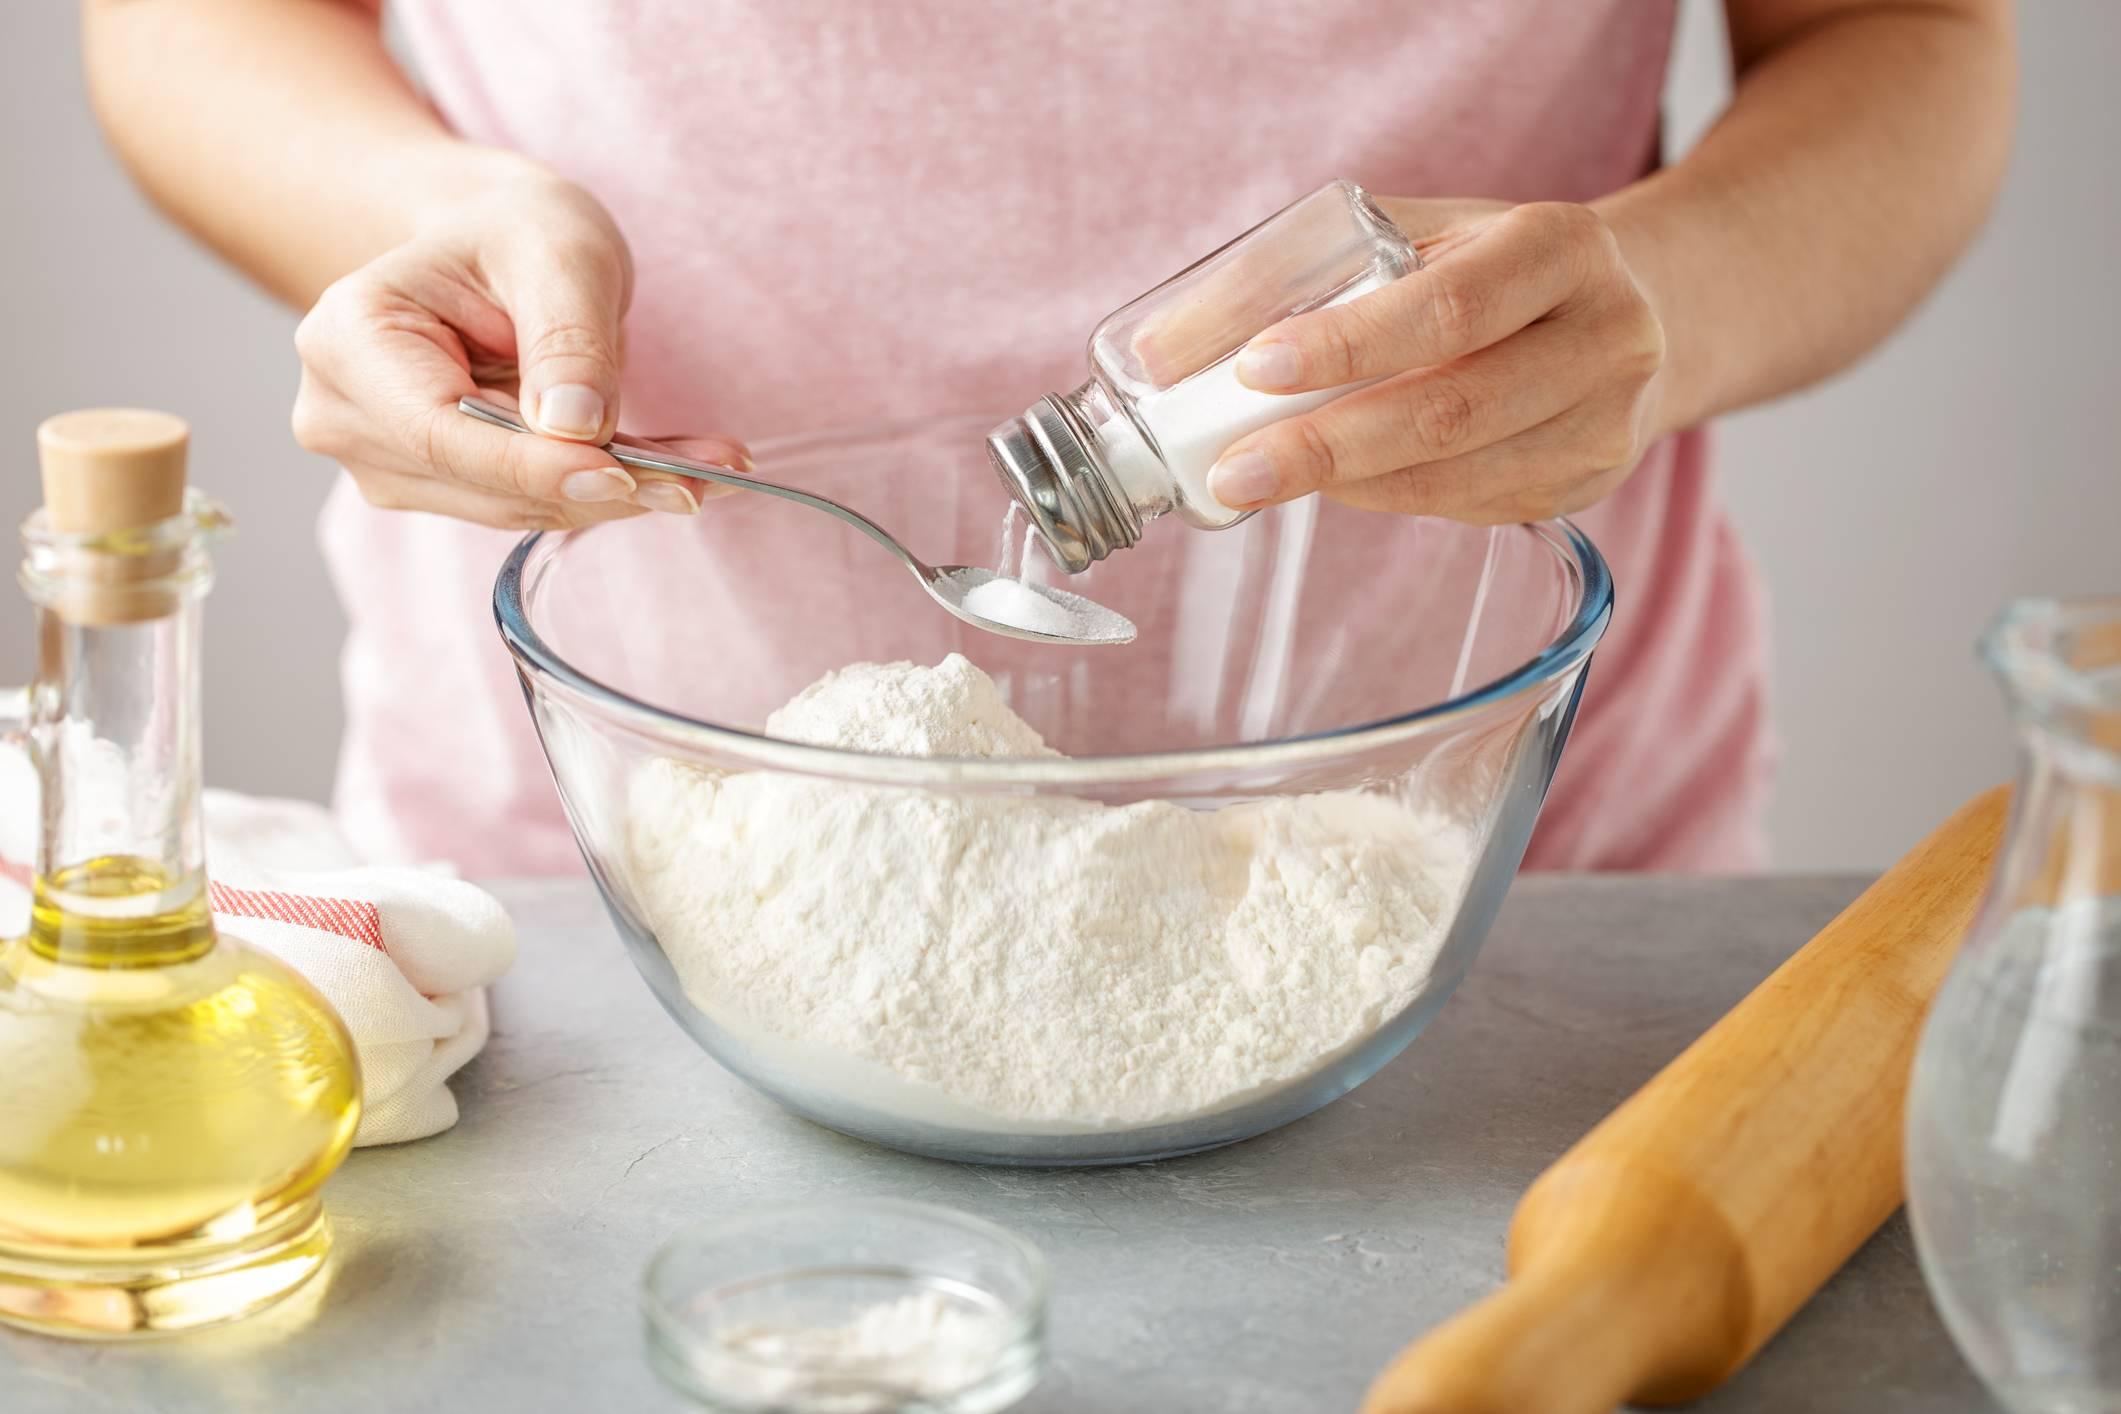 Ajouté du sel à la farine